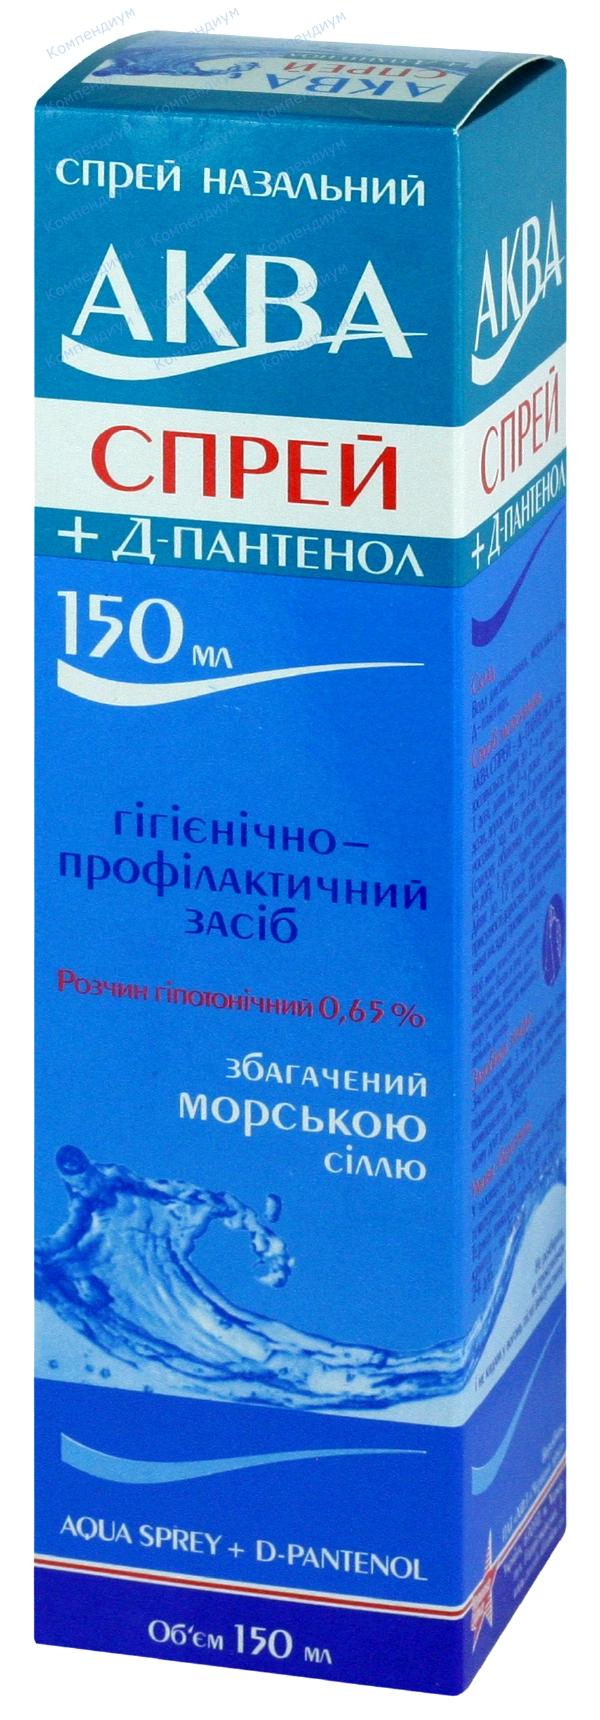 Аква спрей плюс д-пантенол спрей назал. 0,65% 150 мл